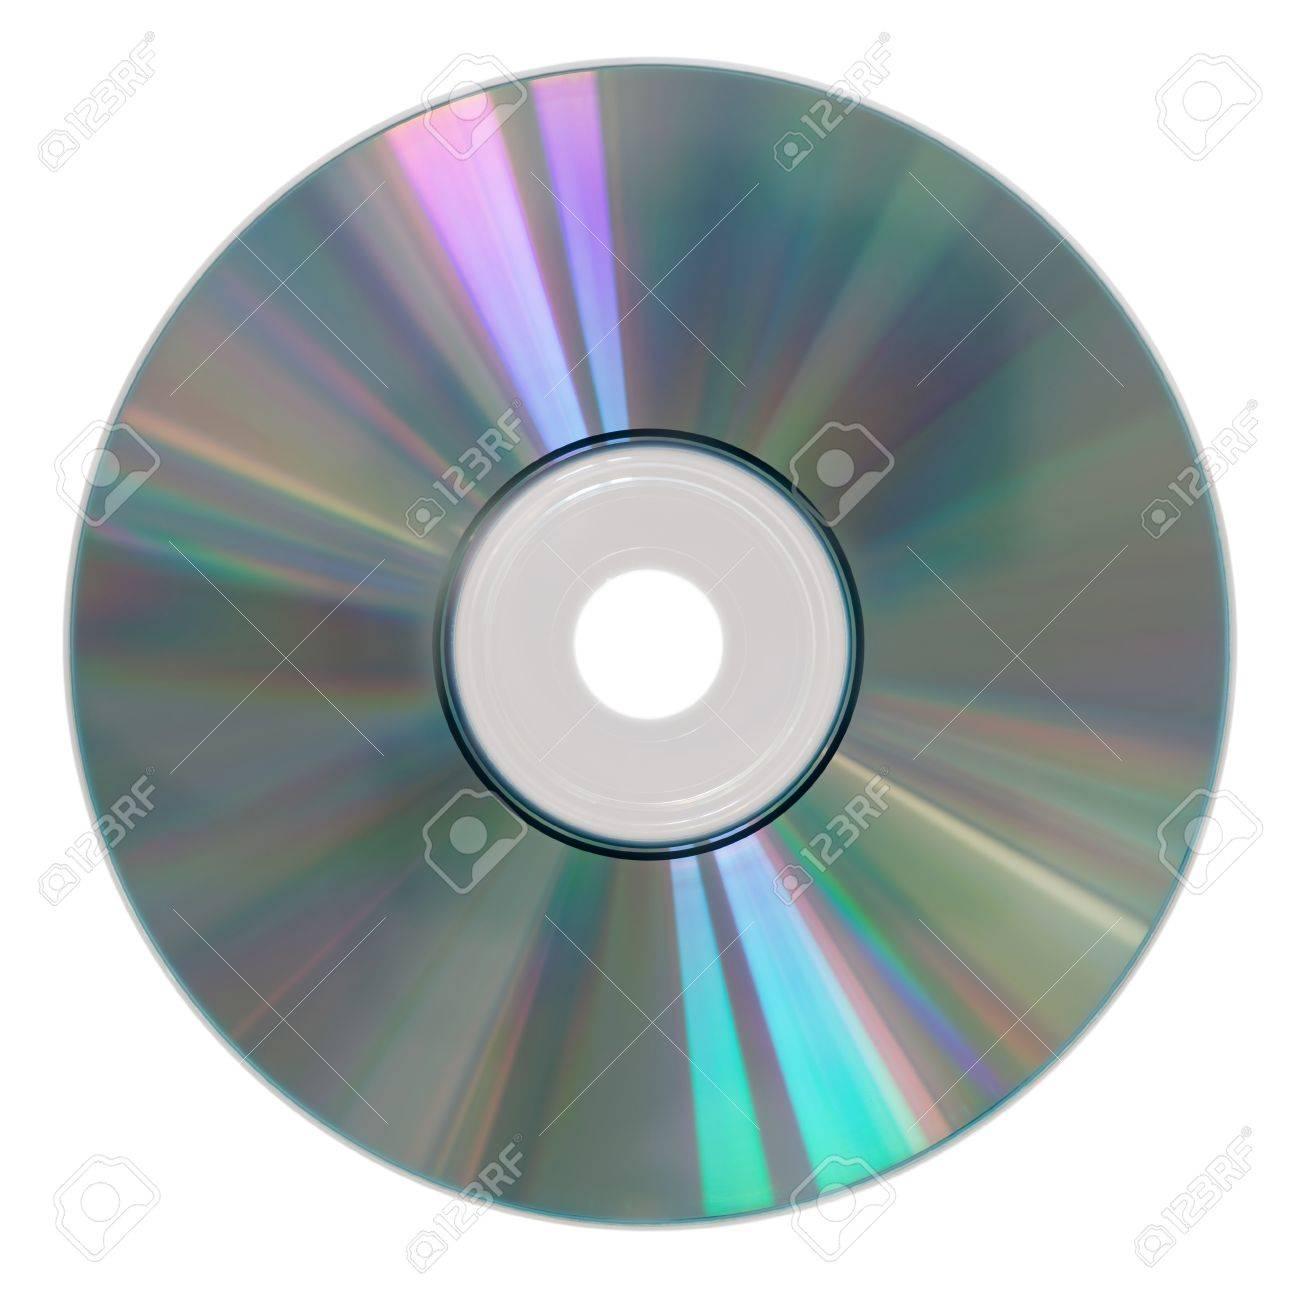 Foto de archivo - La fotografía de un cd rom aislado